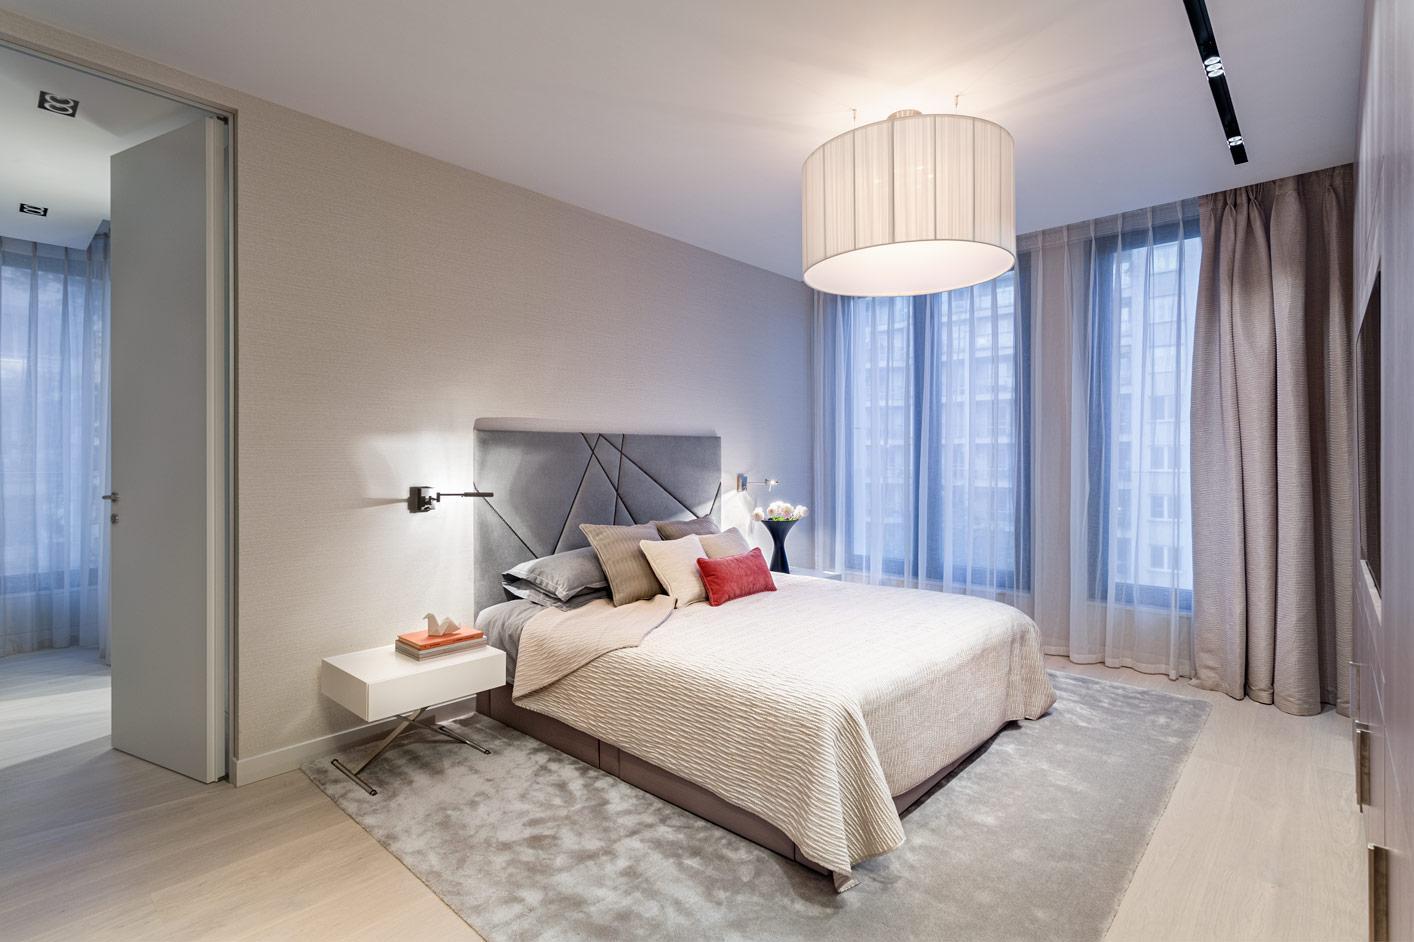 KNOF Design-Bedroom